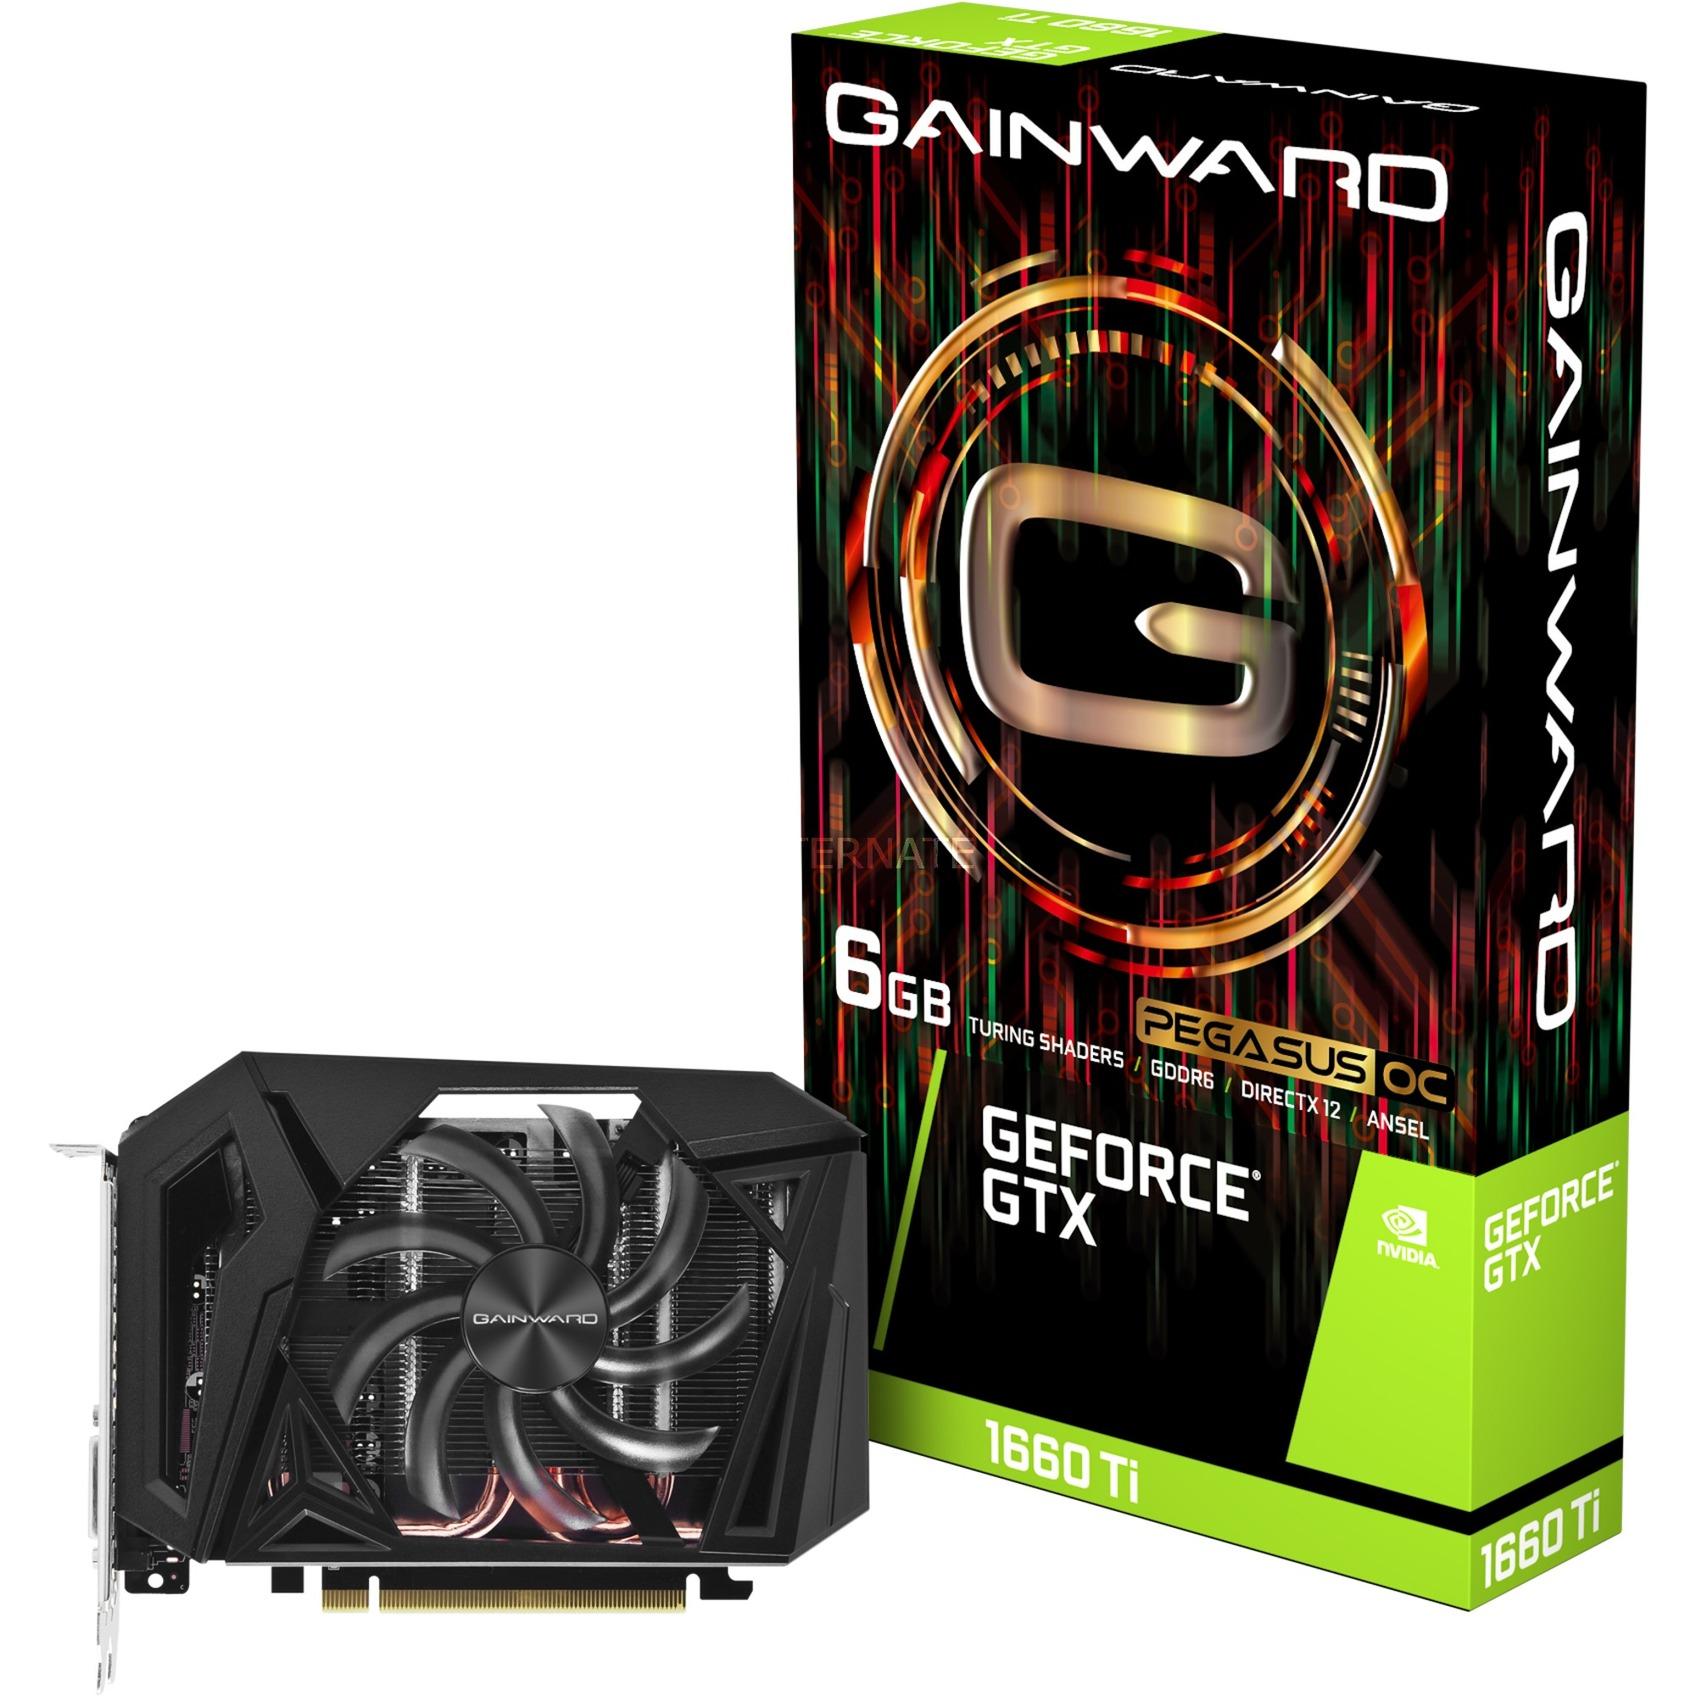 426018336-4368 tarjeta gráfica GeForce GTX 1660 Ti 6 GB GDDR6